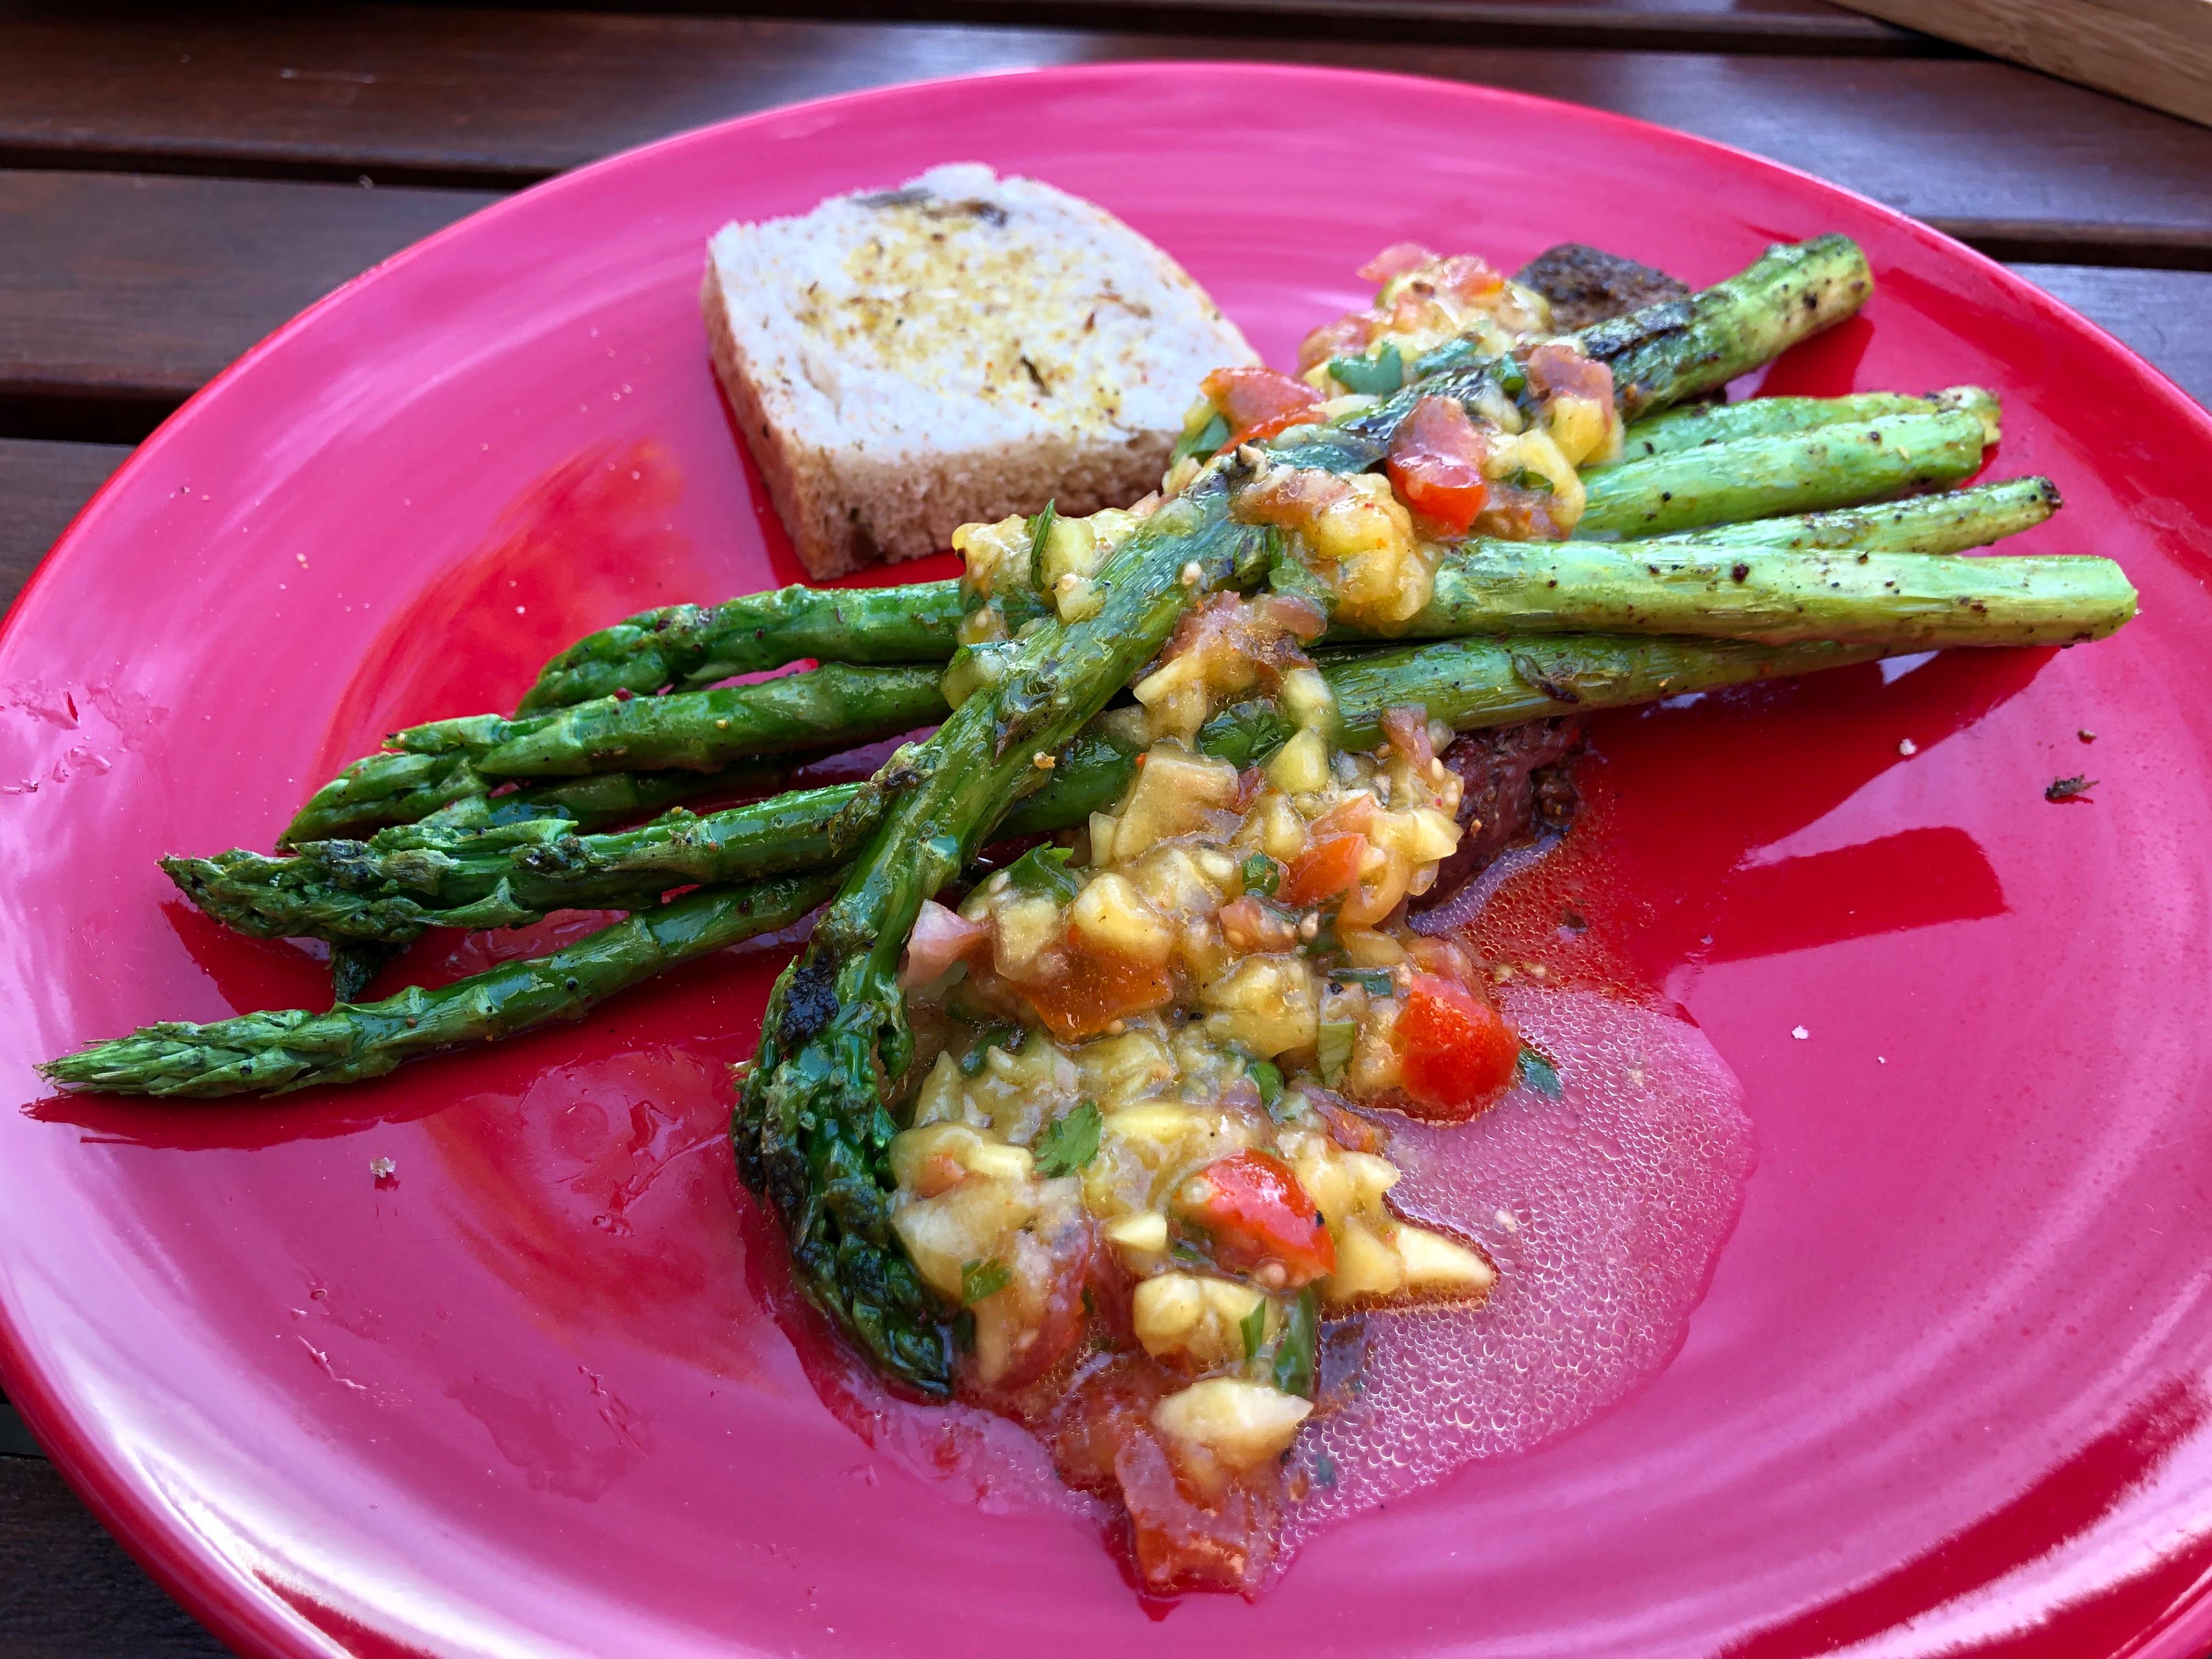 Aus der Outdoor-Küche: Steak mit gegrilltem Spargel und Mango-Salsa